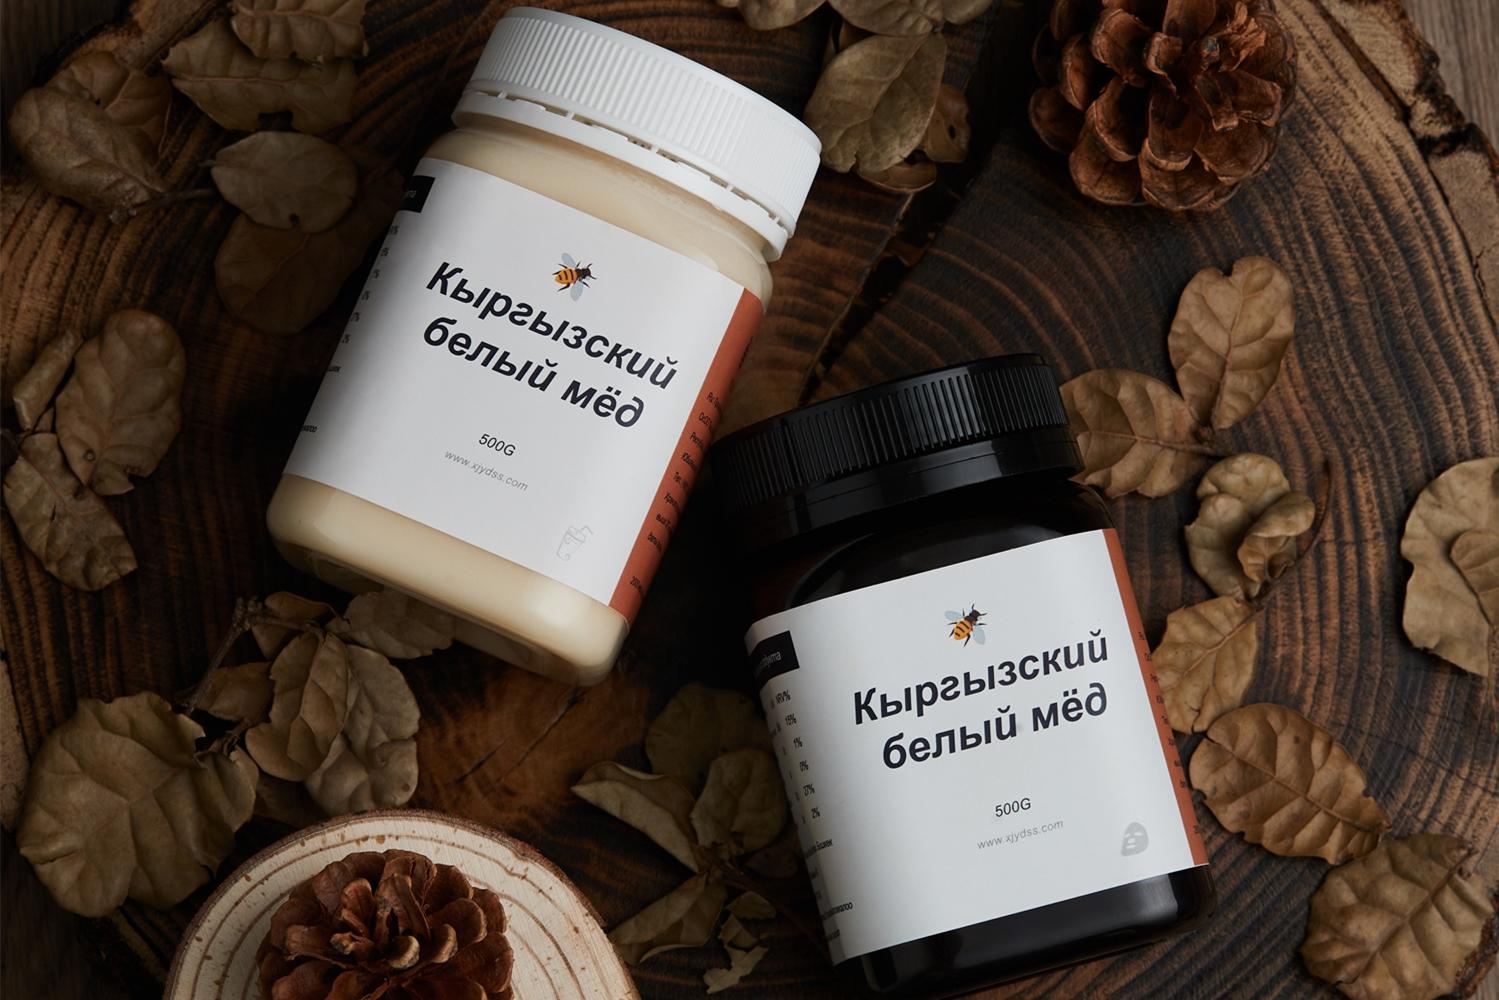 俄罗斯进口蜂蜜品牌